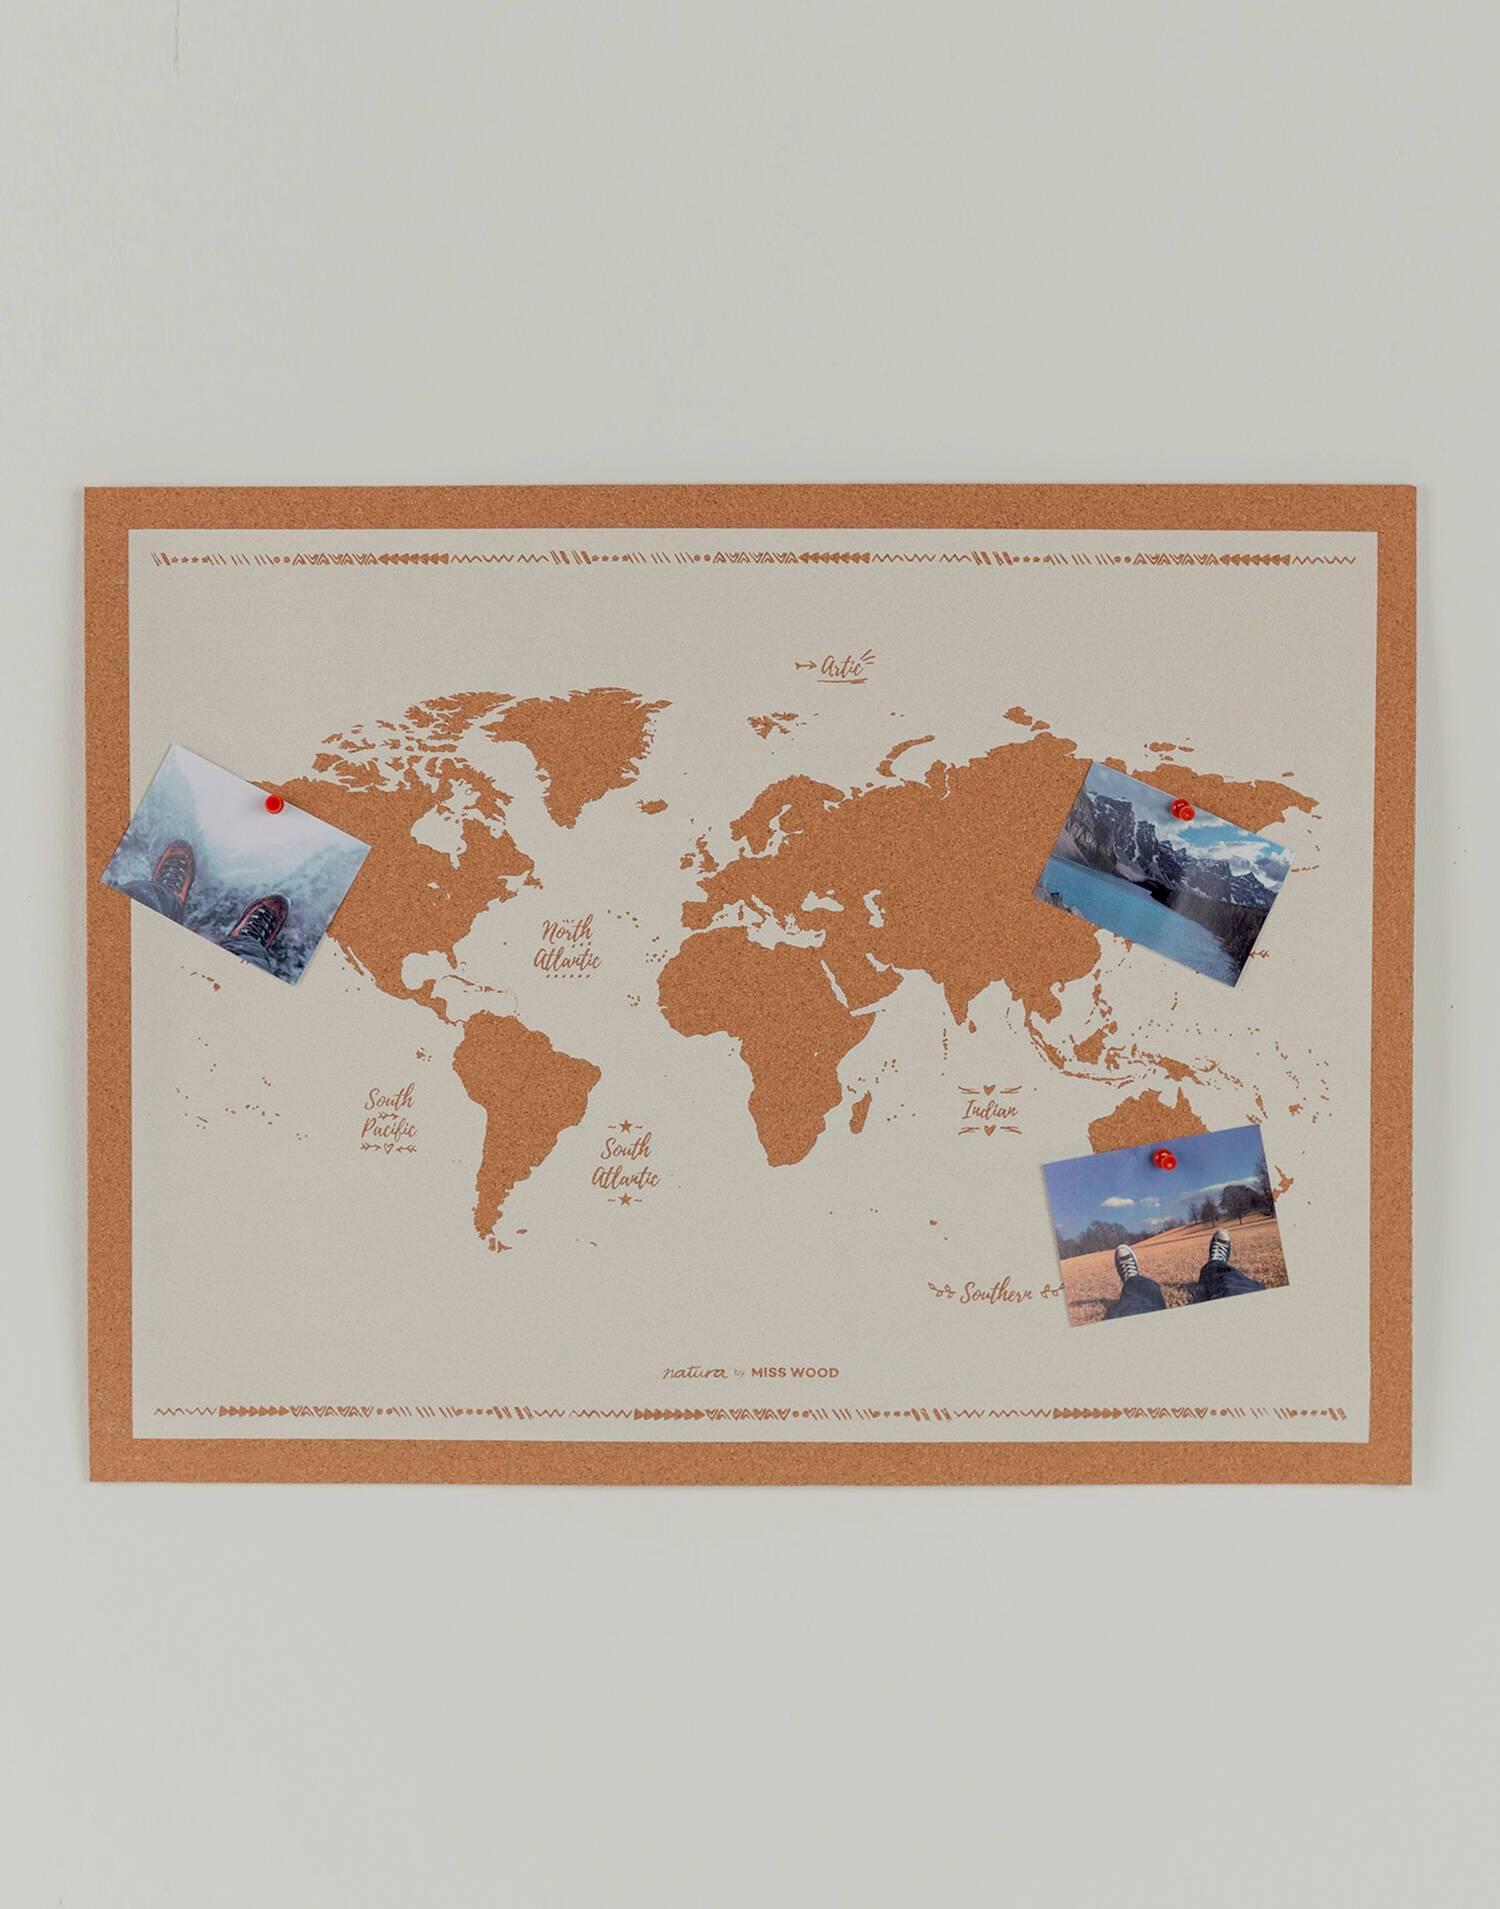 Korkweltkarte miss wood natura